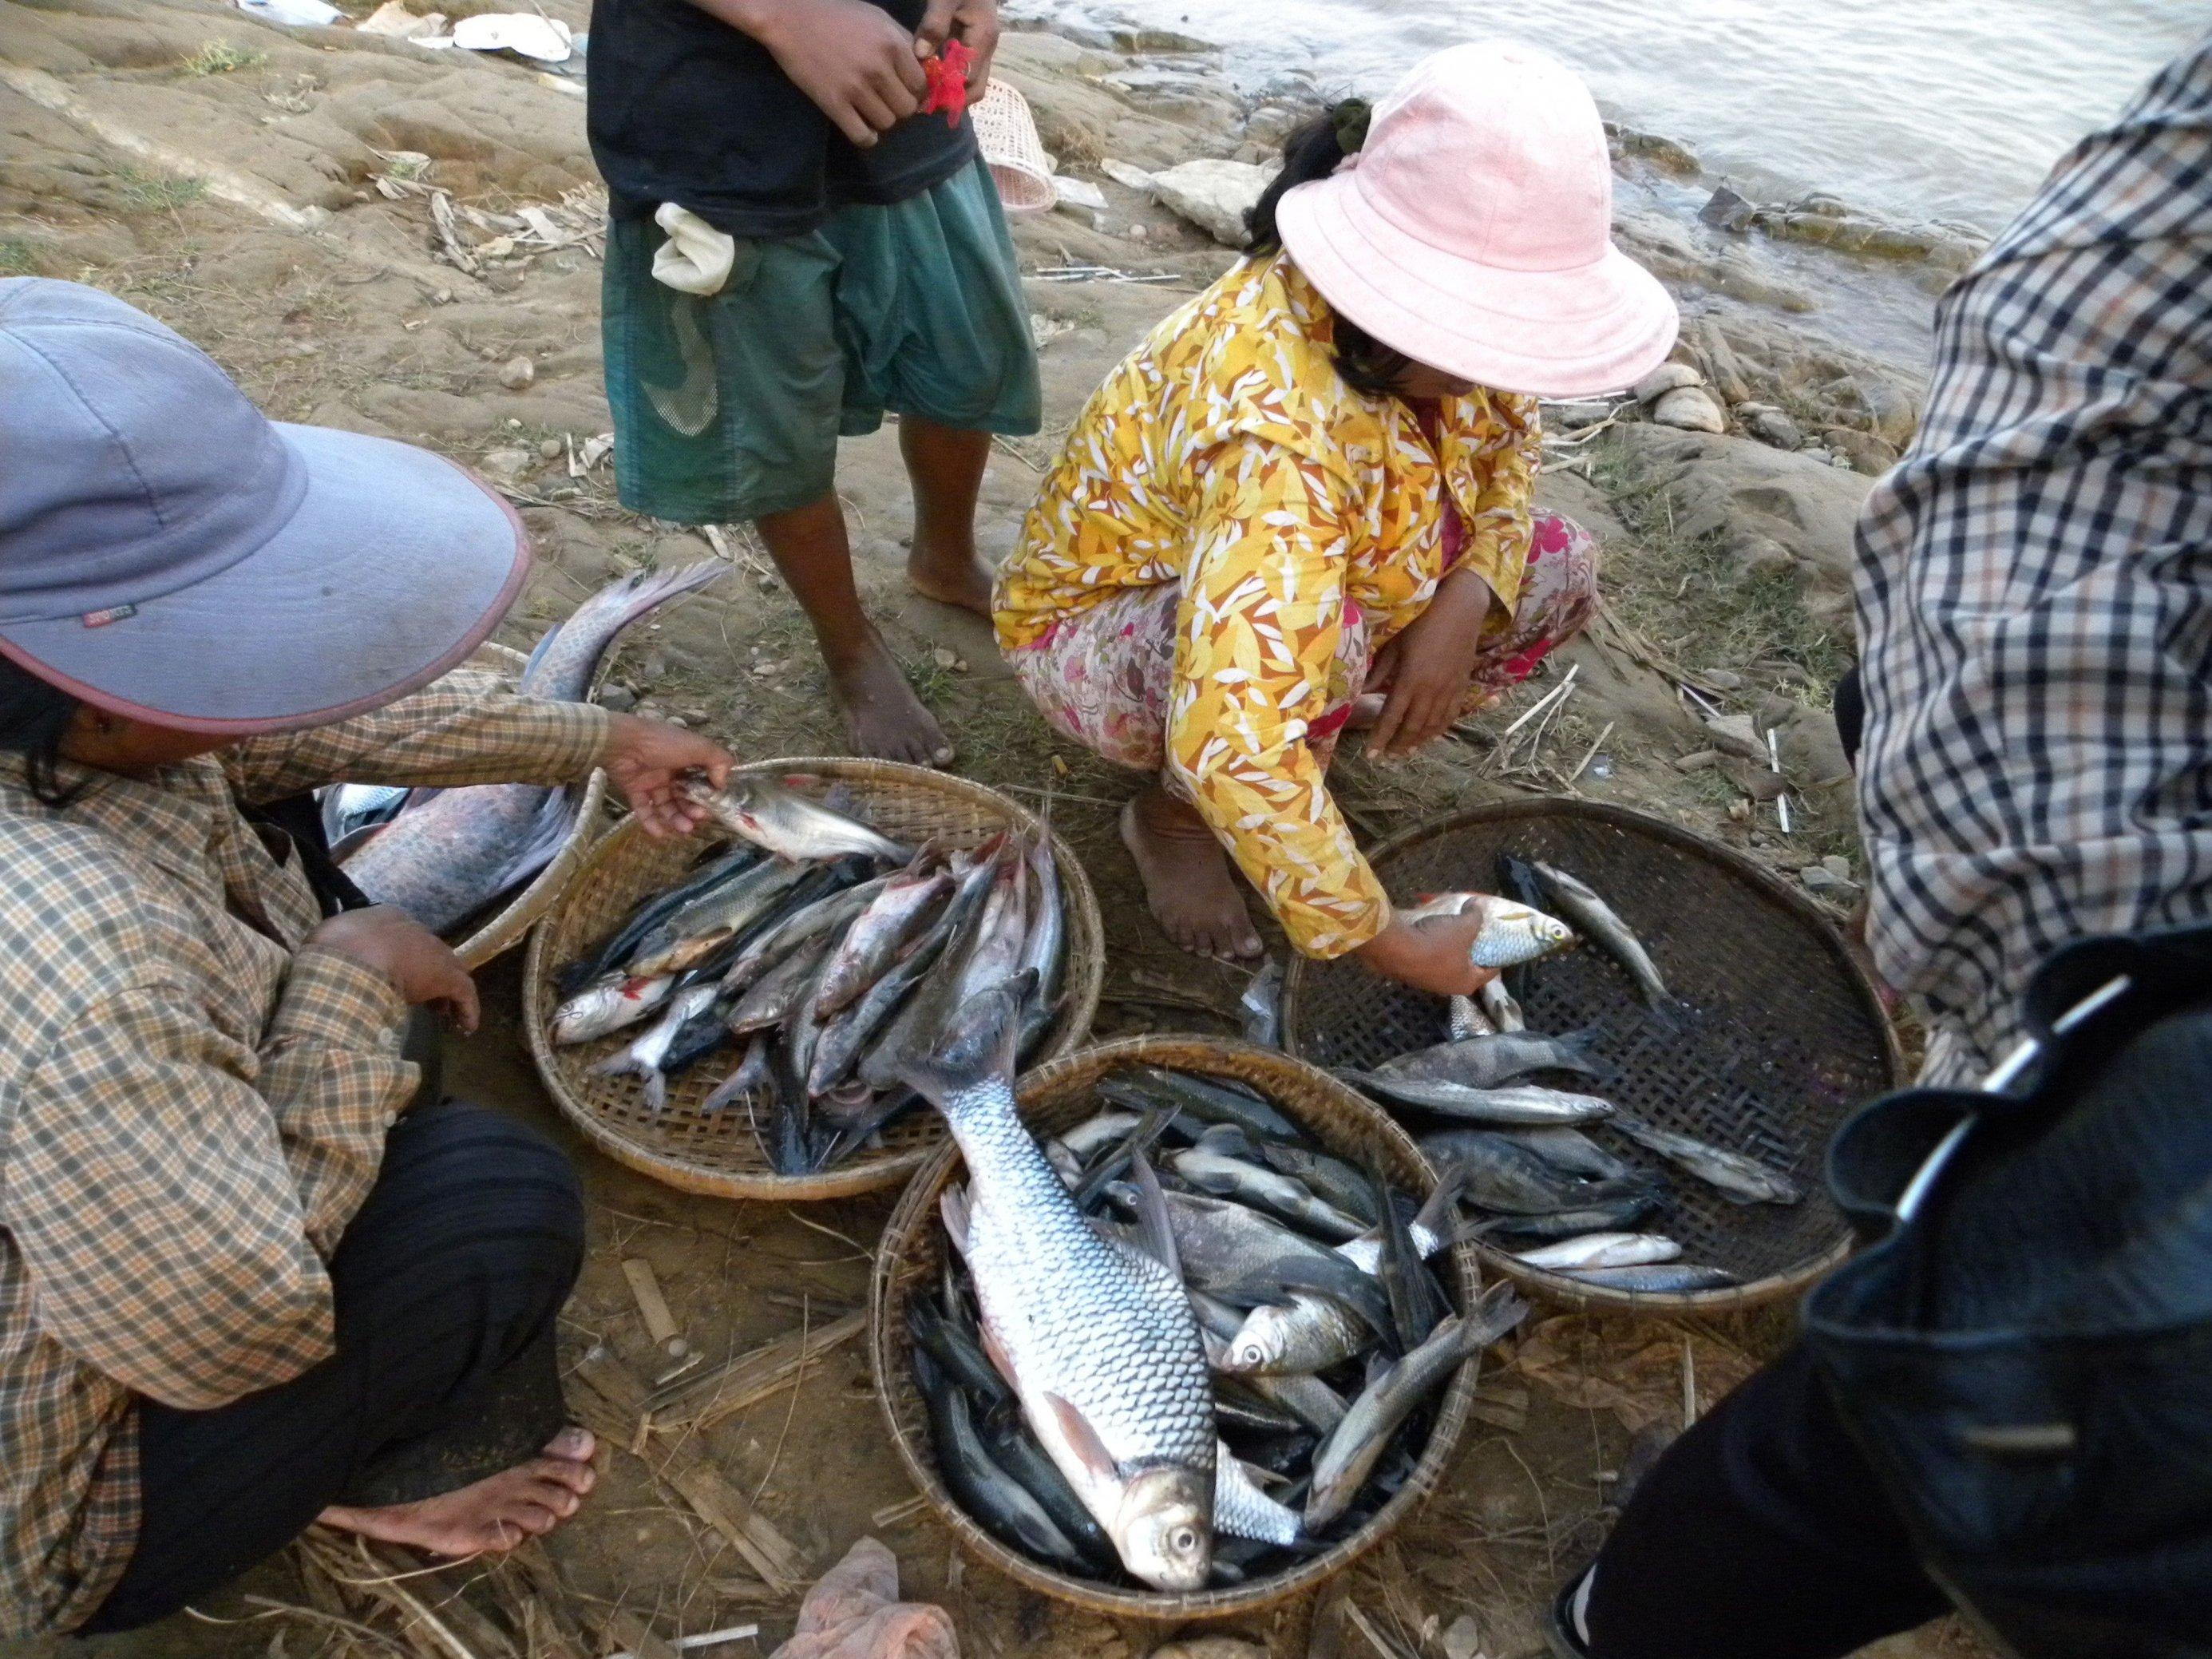 Zwei Frauen mit Sonnenhüten hocken am Ufer eines Gewässers vor drei mit Fischen gefüllten Körben. Jede hält einen Fisch in der Hand. Hinter und neben ihnen stehen zwei weitere Personen.